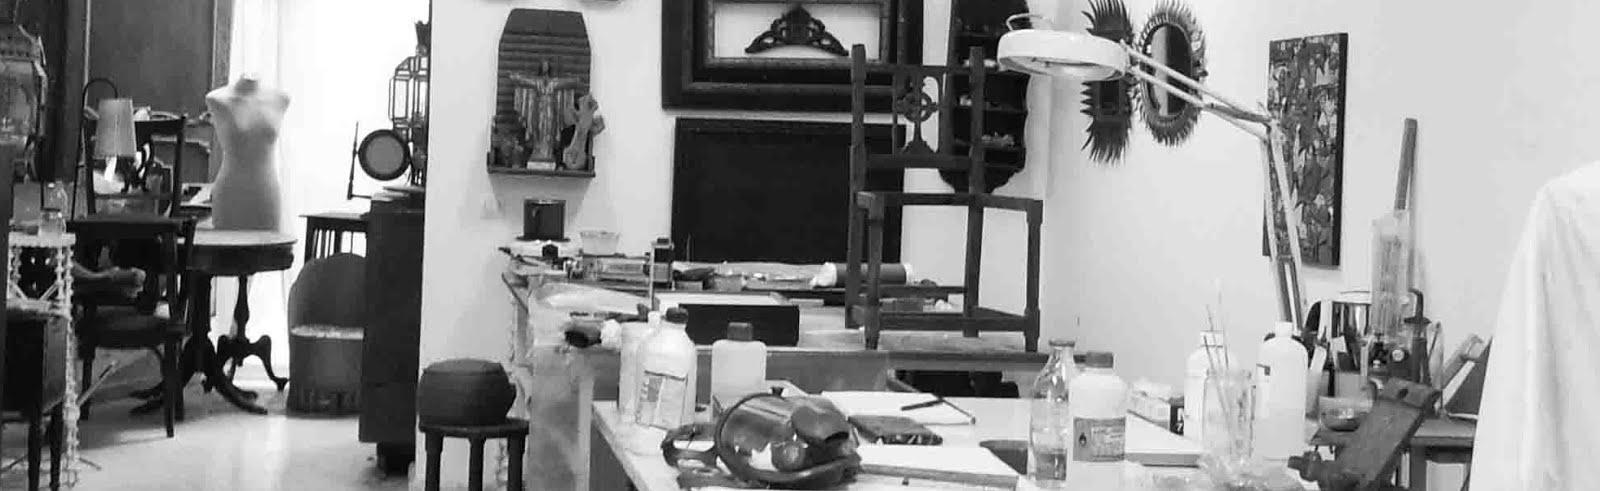 Sandáraca taller de Restauración